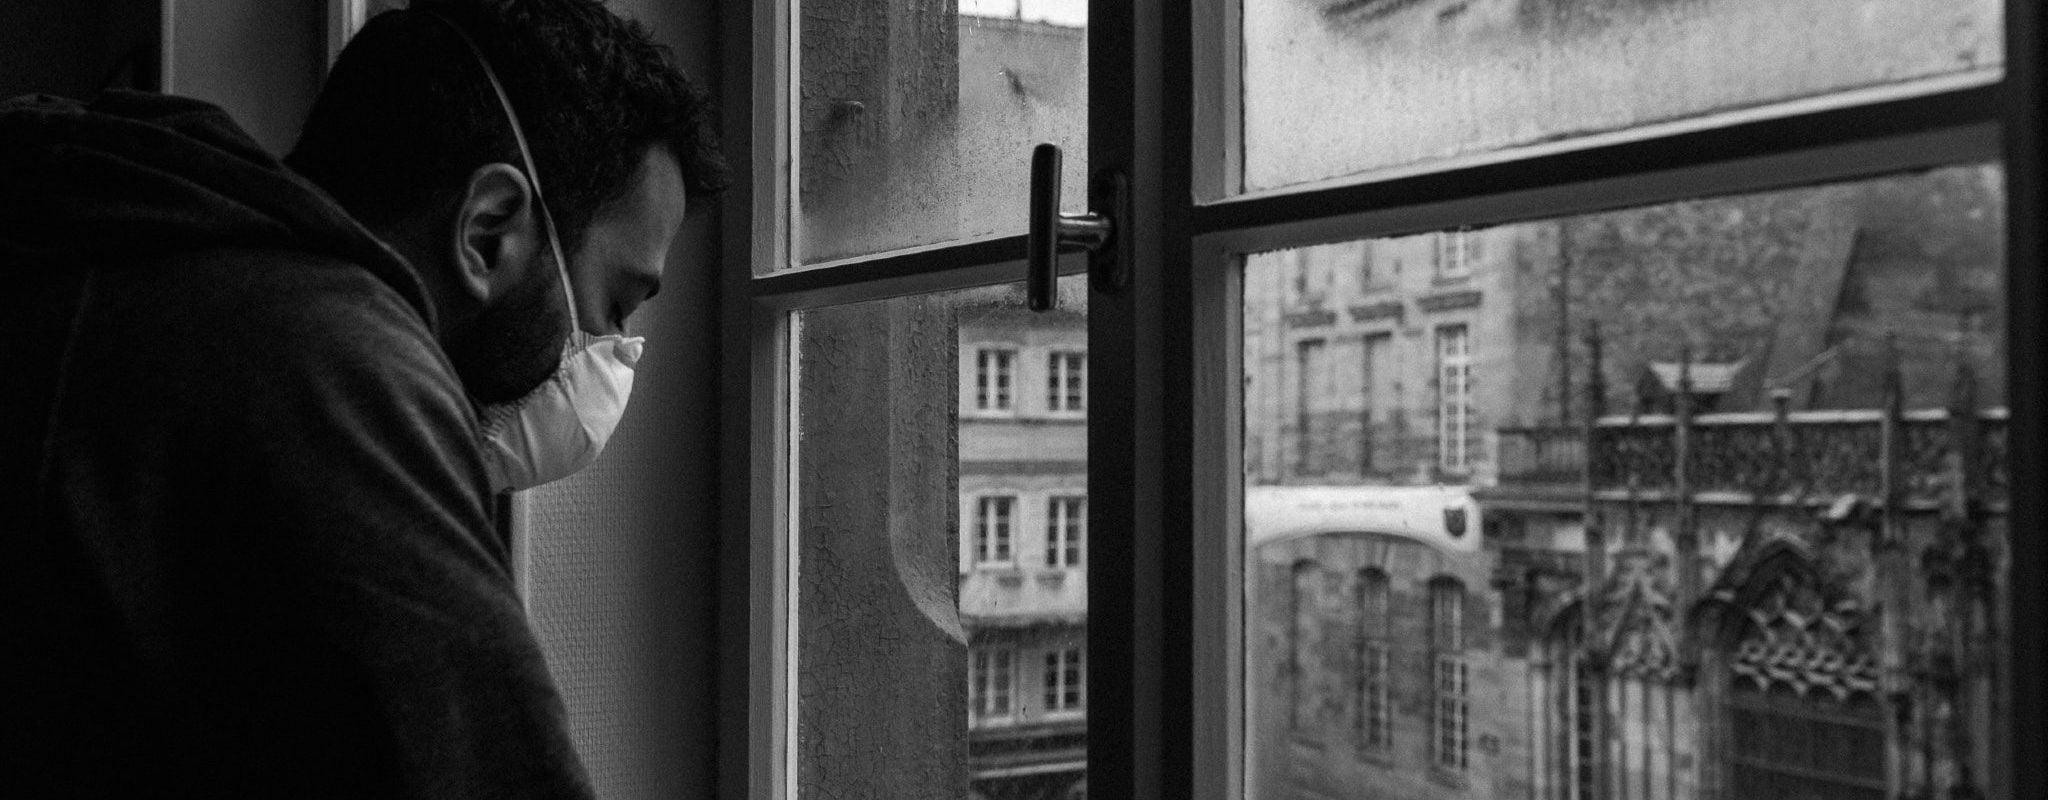 «Après le confinement, j'angoisse de ne pas réussir à reprendre une vie normale»